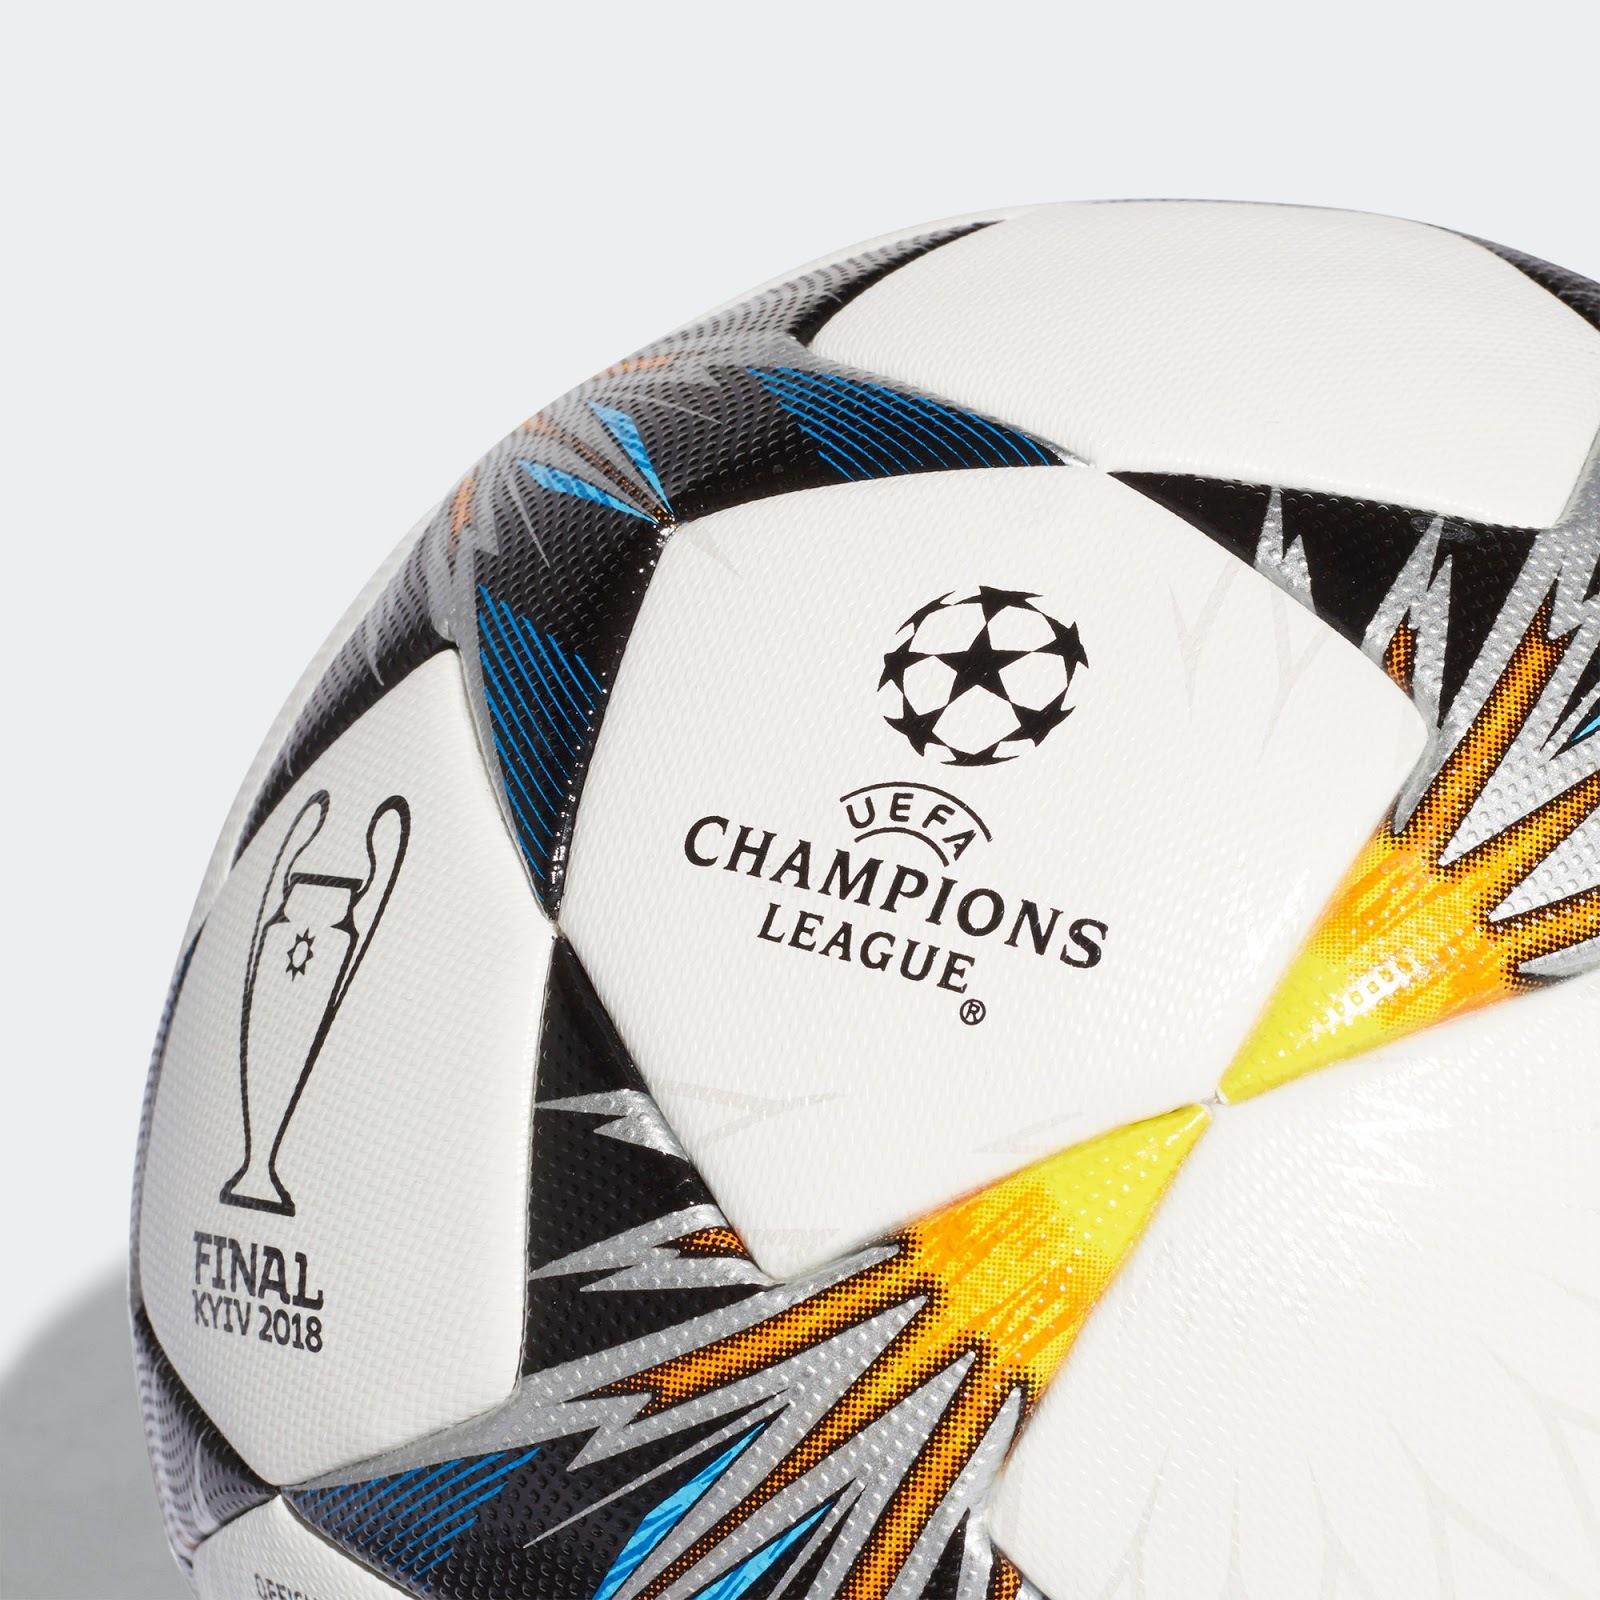 Представлен официальный мяч финала Лиги чемпионов в Киеве (+Фото) - изображение 4